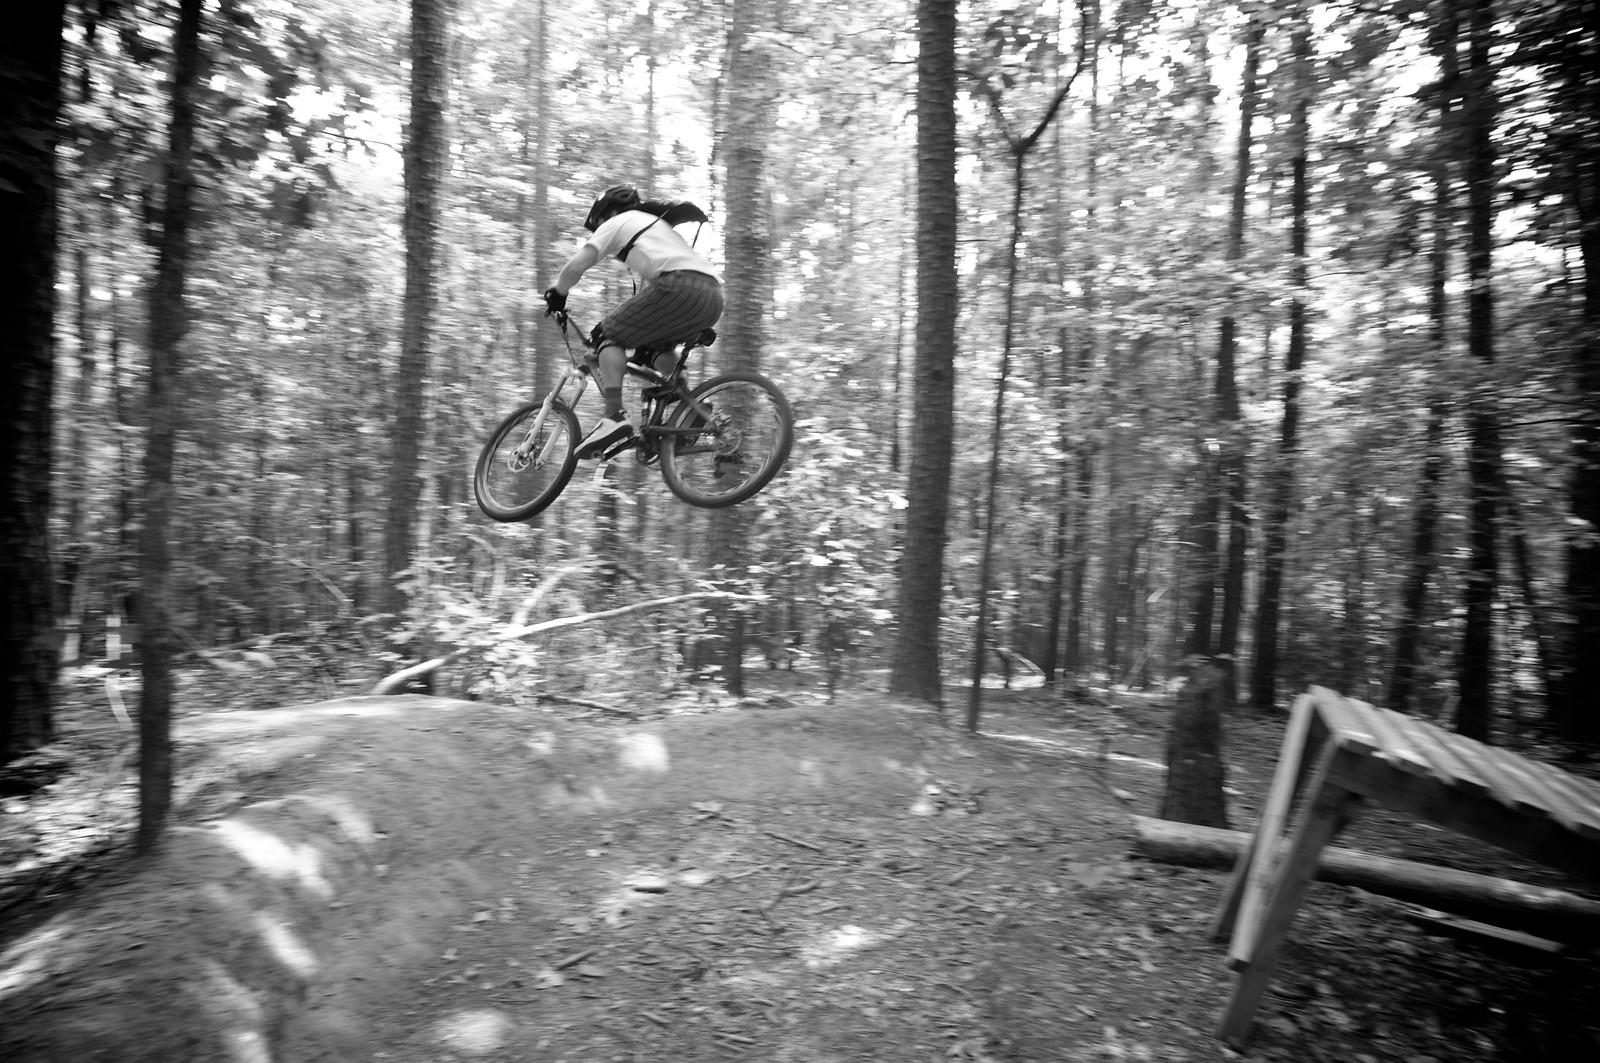 DSC 0423 - b-lec - Mountain Biking Pictures - Vital MTB